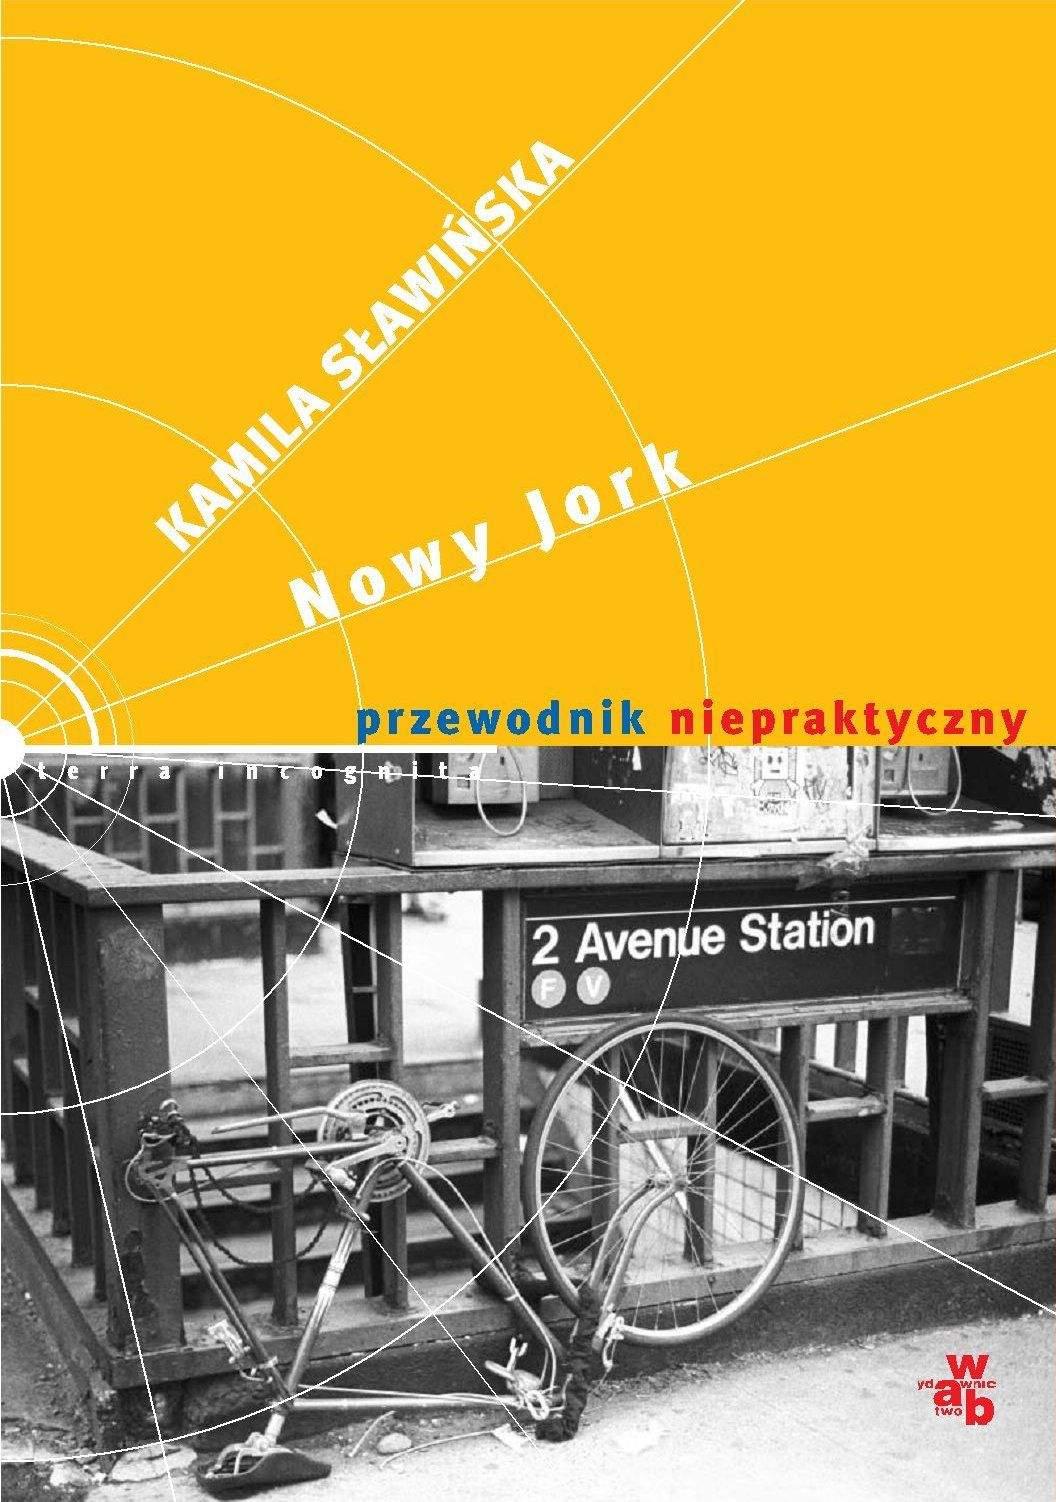 Nowy Jork. Przewodnik niepraktyczny - Ebook (Książka EPUB) do pobrania w formacie EPUB